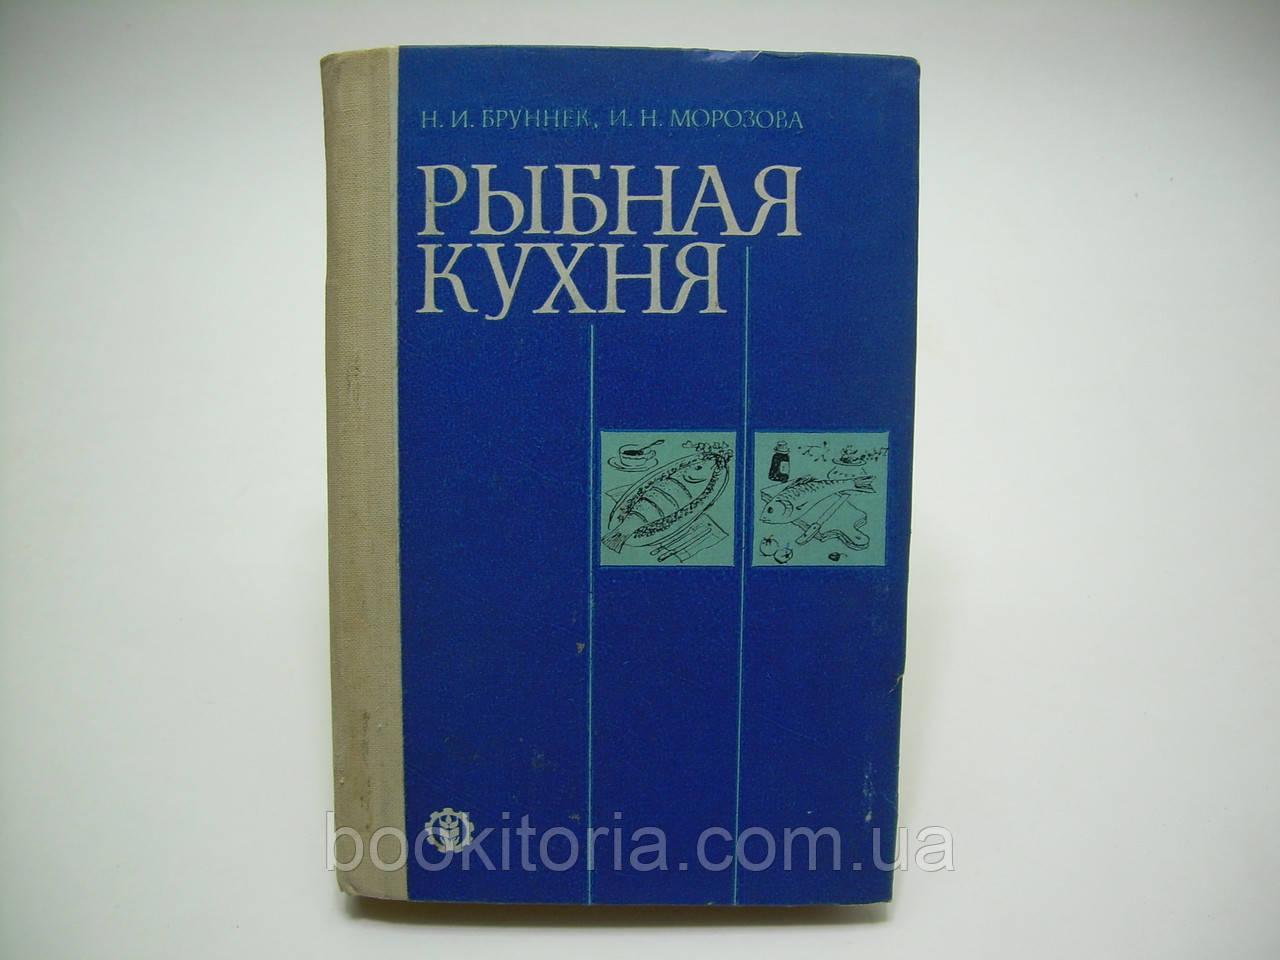 Бруннек Н.И., Морозова И.Н. Рыбная кухня (б/у).